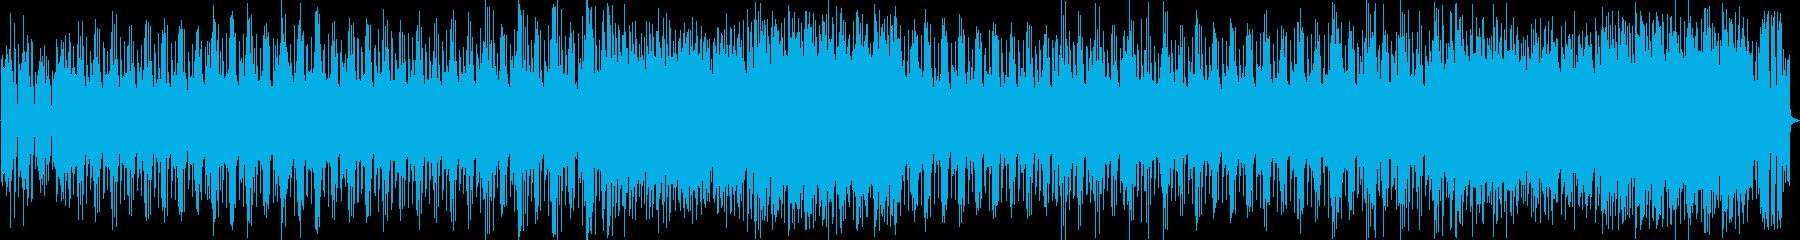 オシャレな雰囲気のインストの再生済みの波形